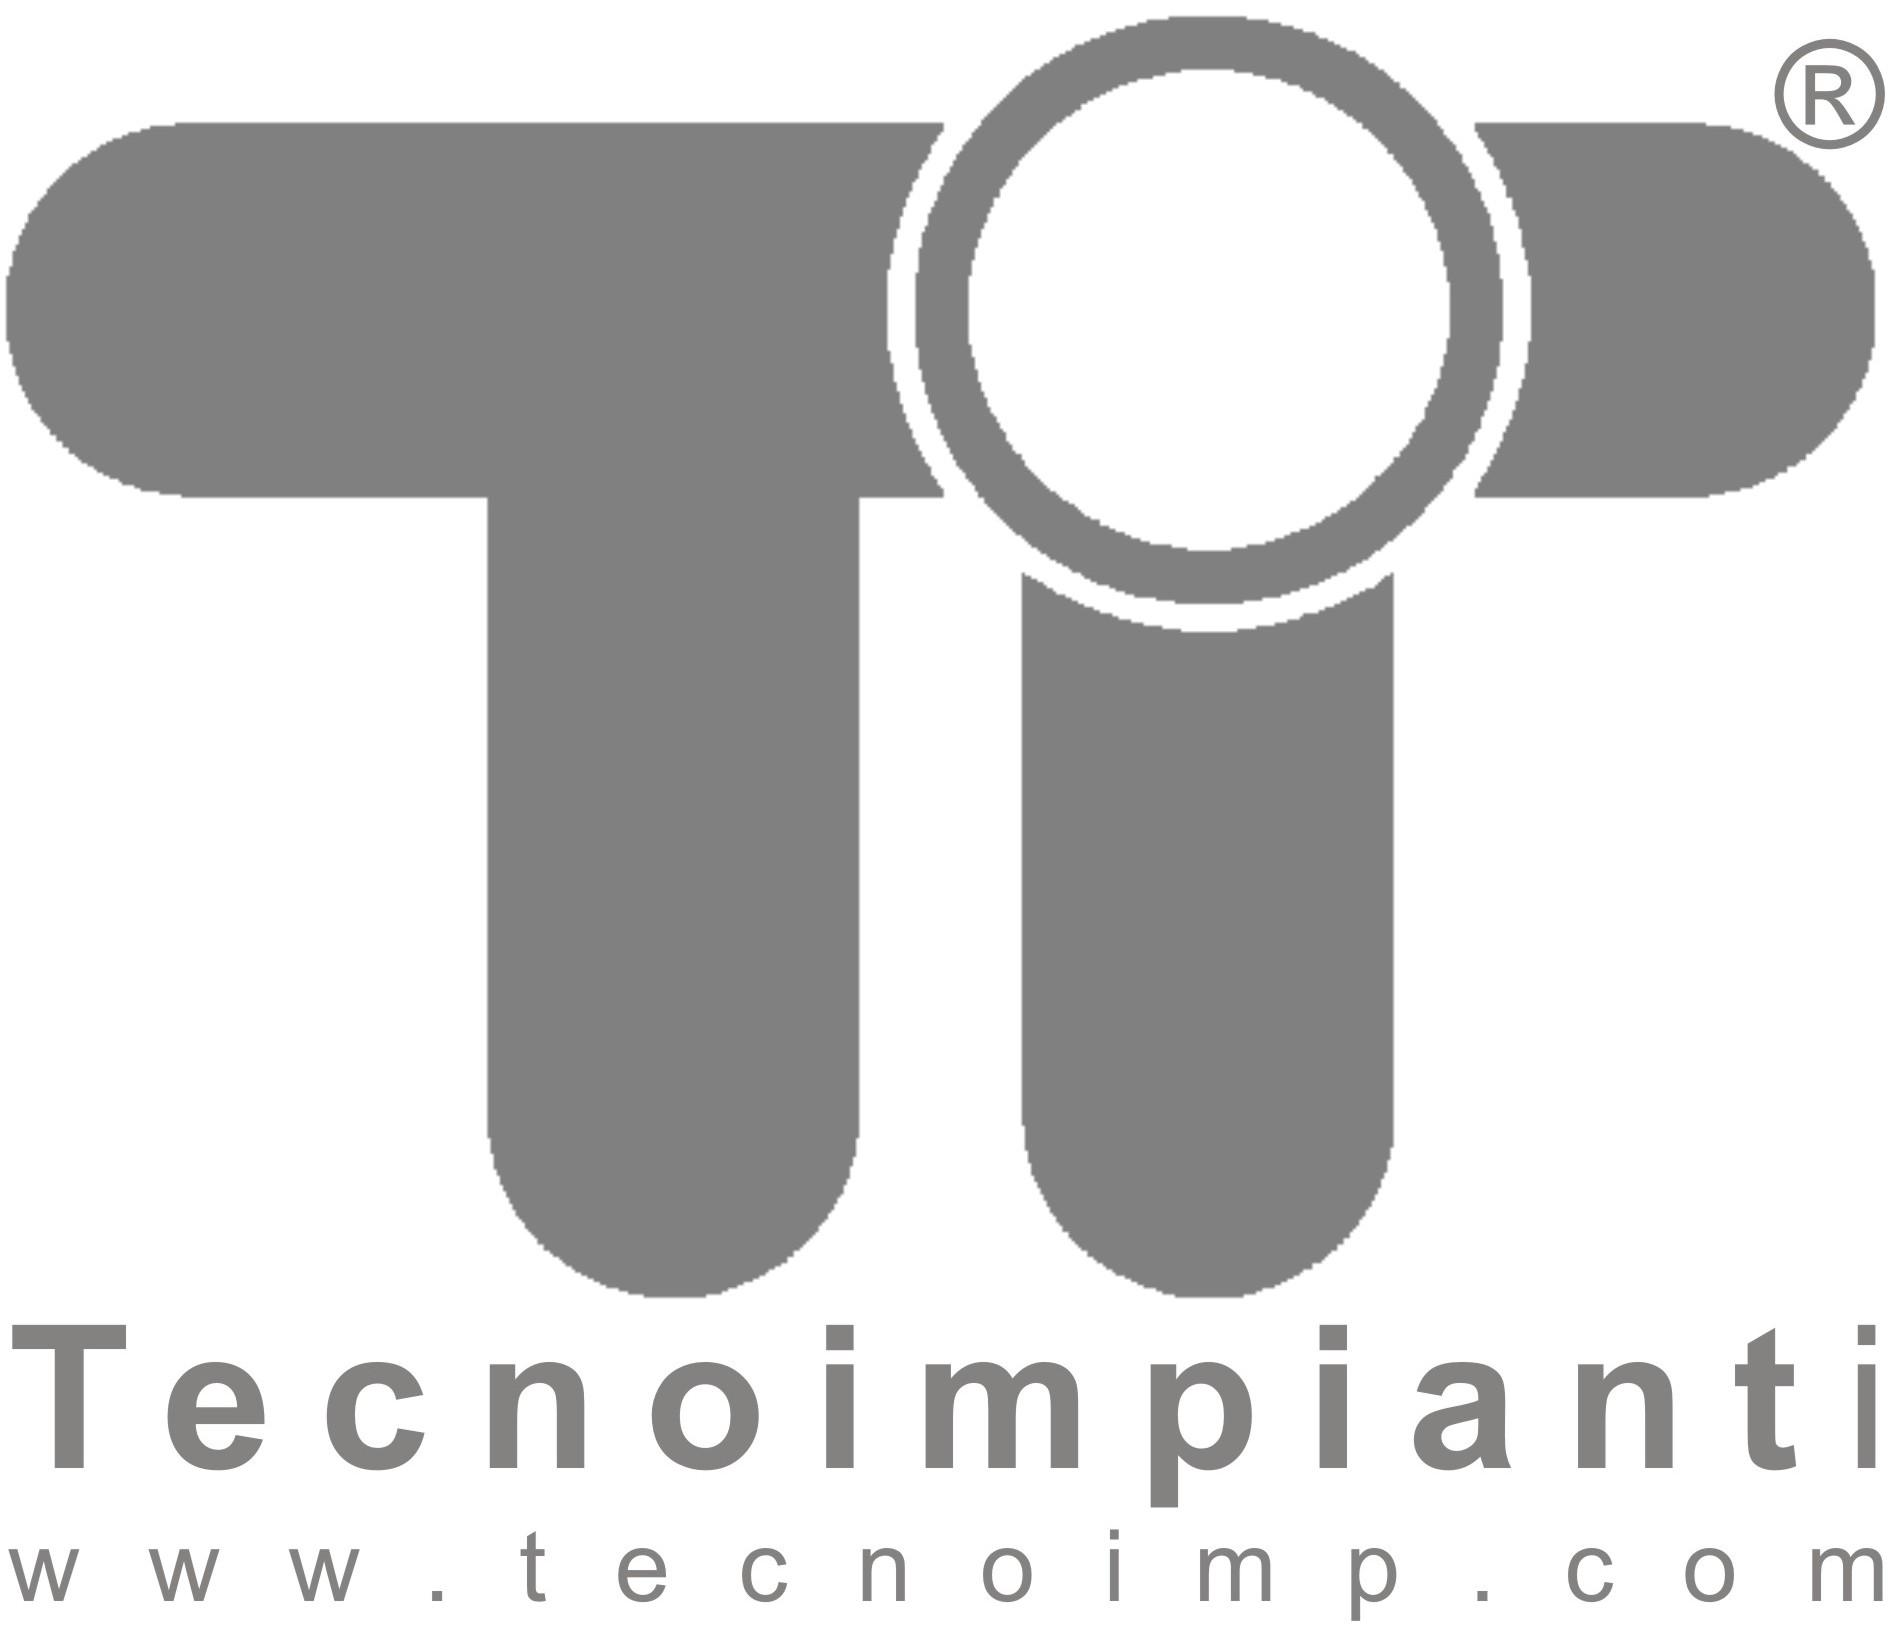 tecnoimpianti-water-treatment-s-r-l